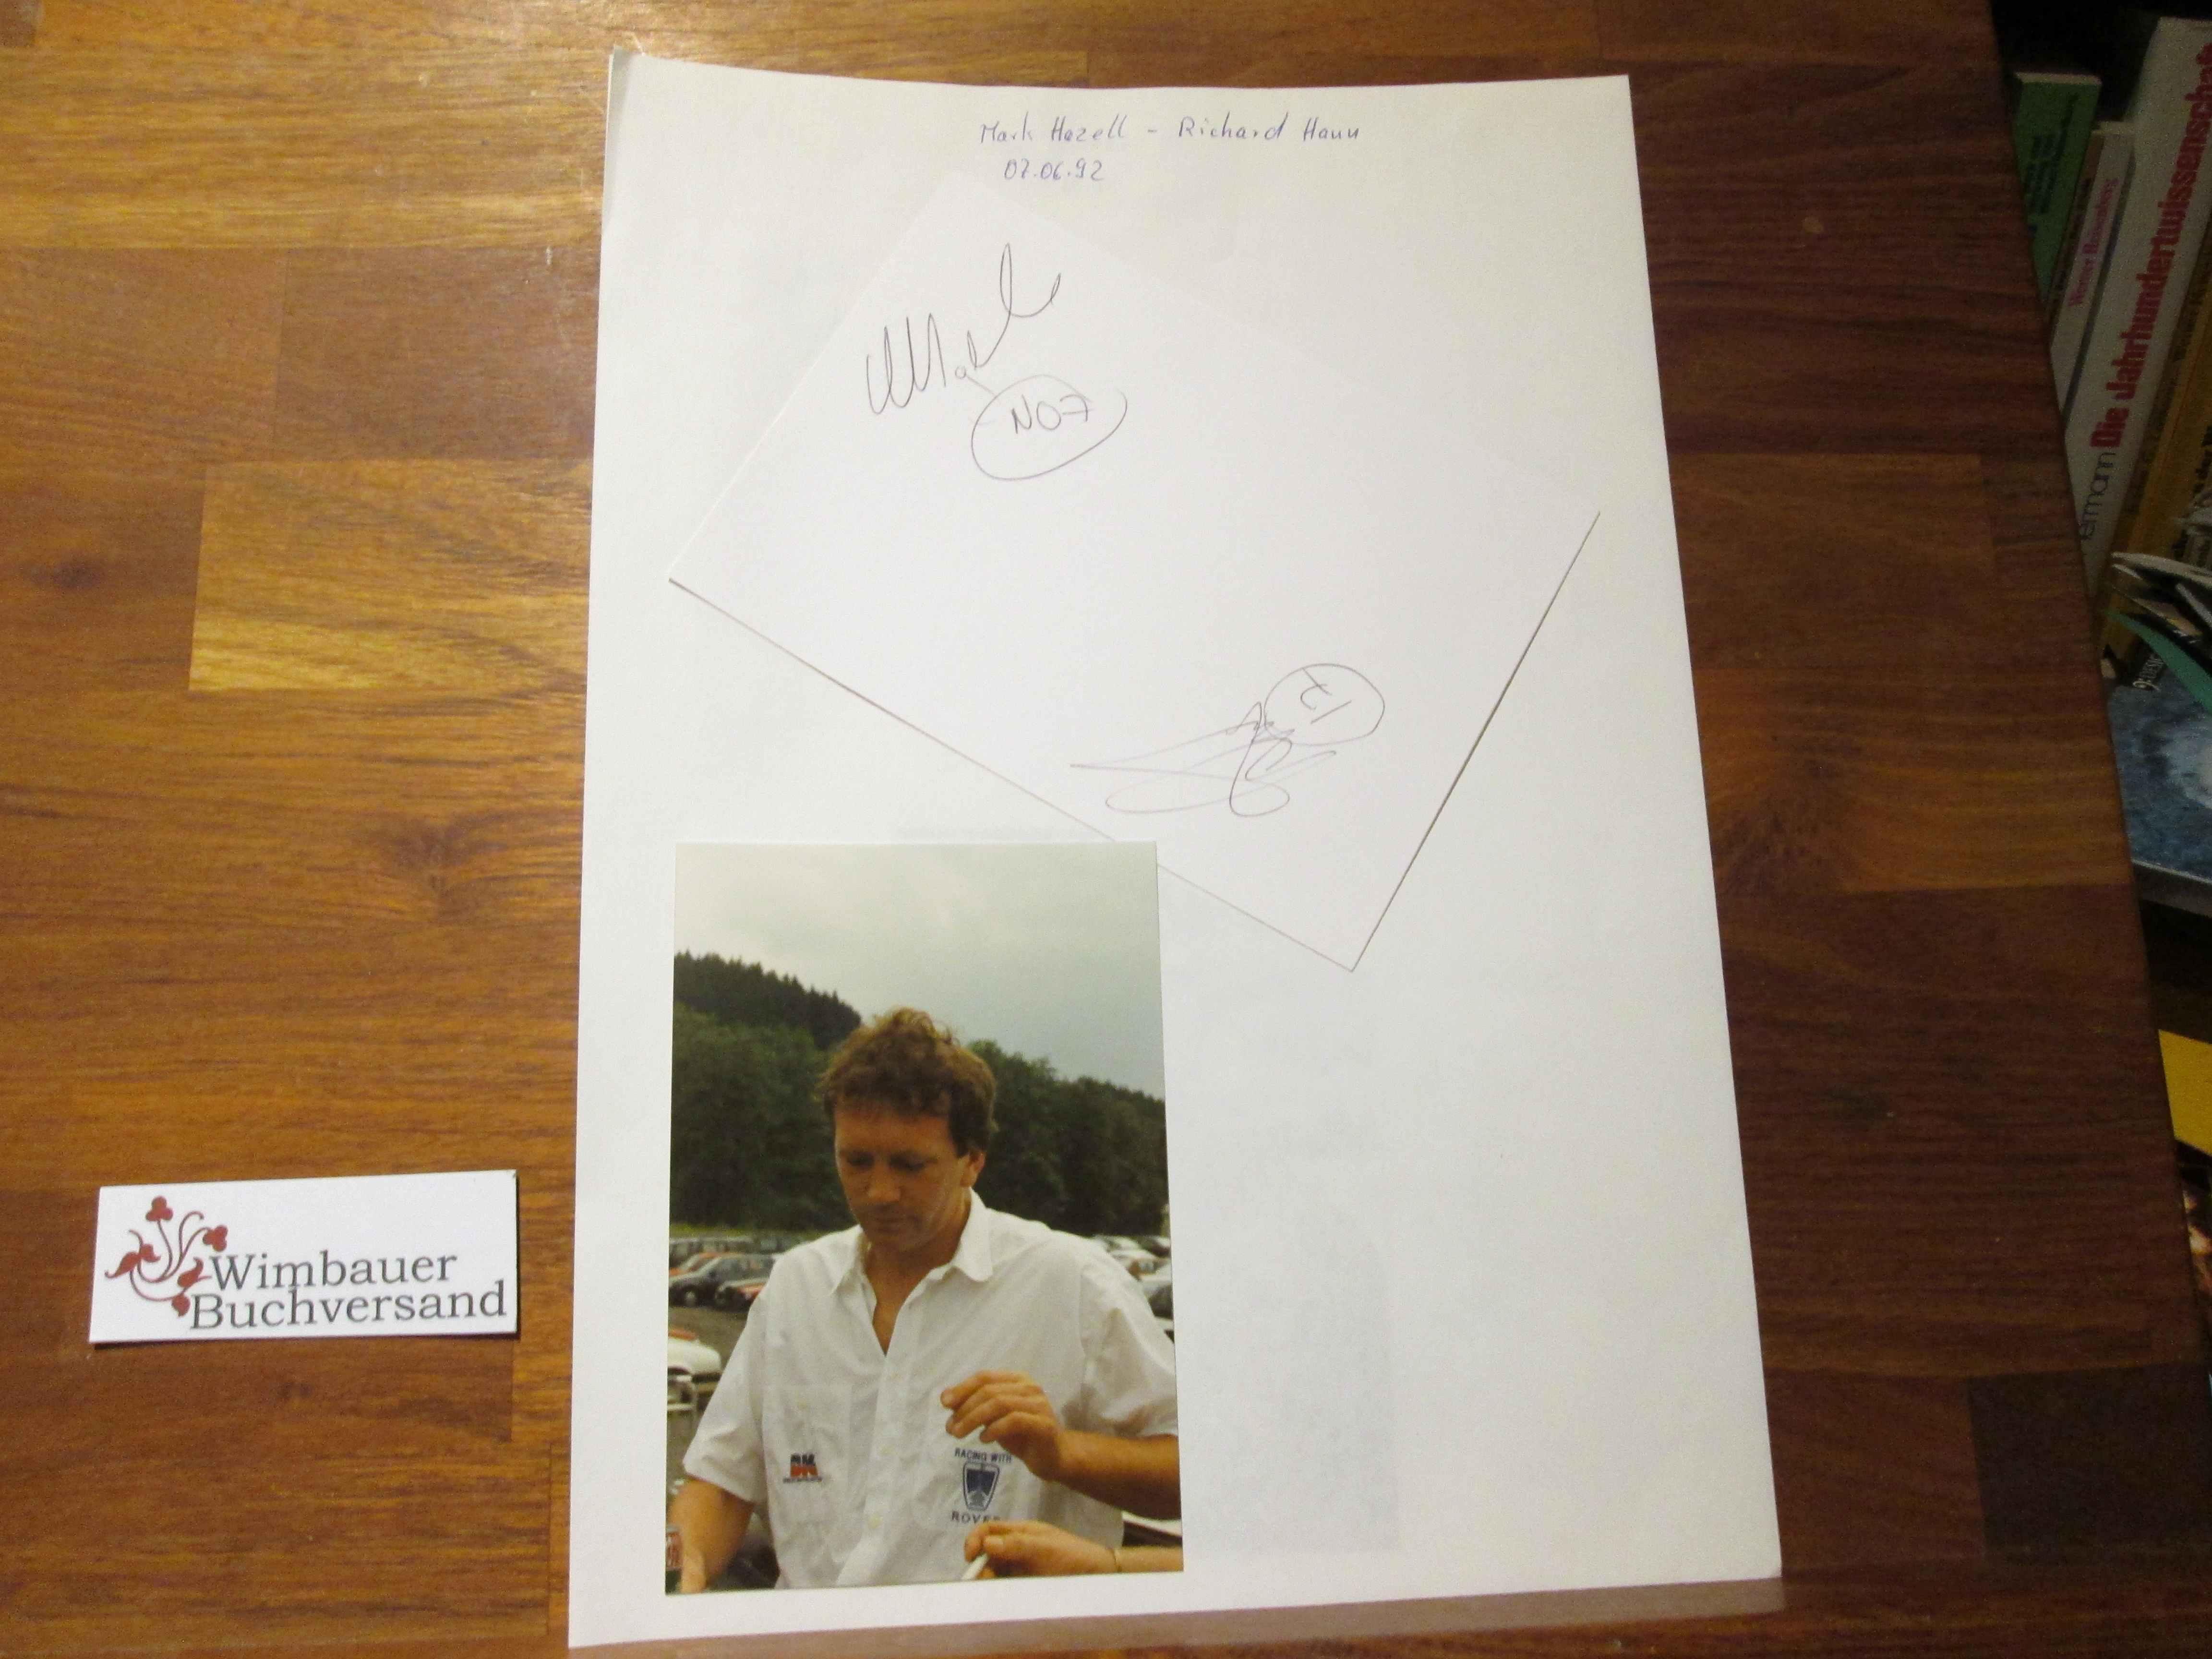 Original Autogramm Mark Hazell + Richard Hann racing Driver /// Autograph signiert signed signee